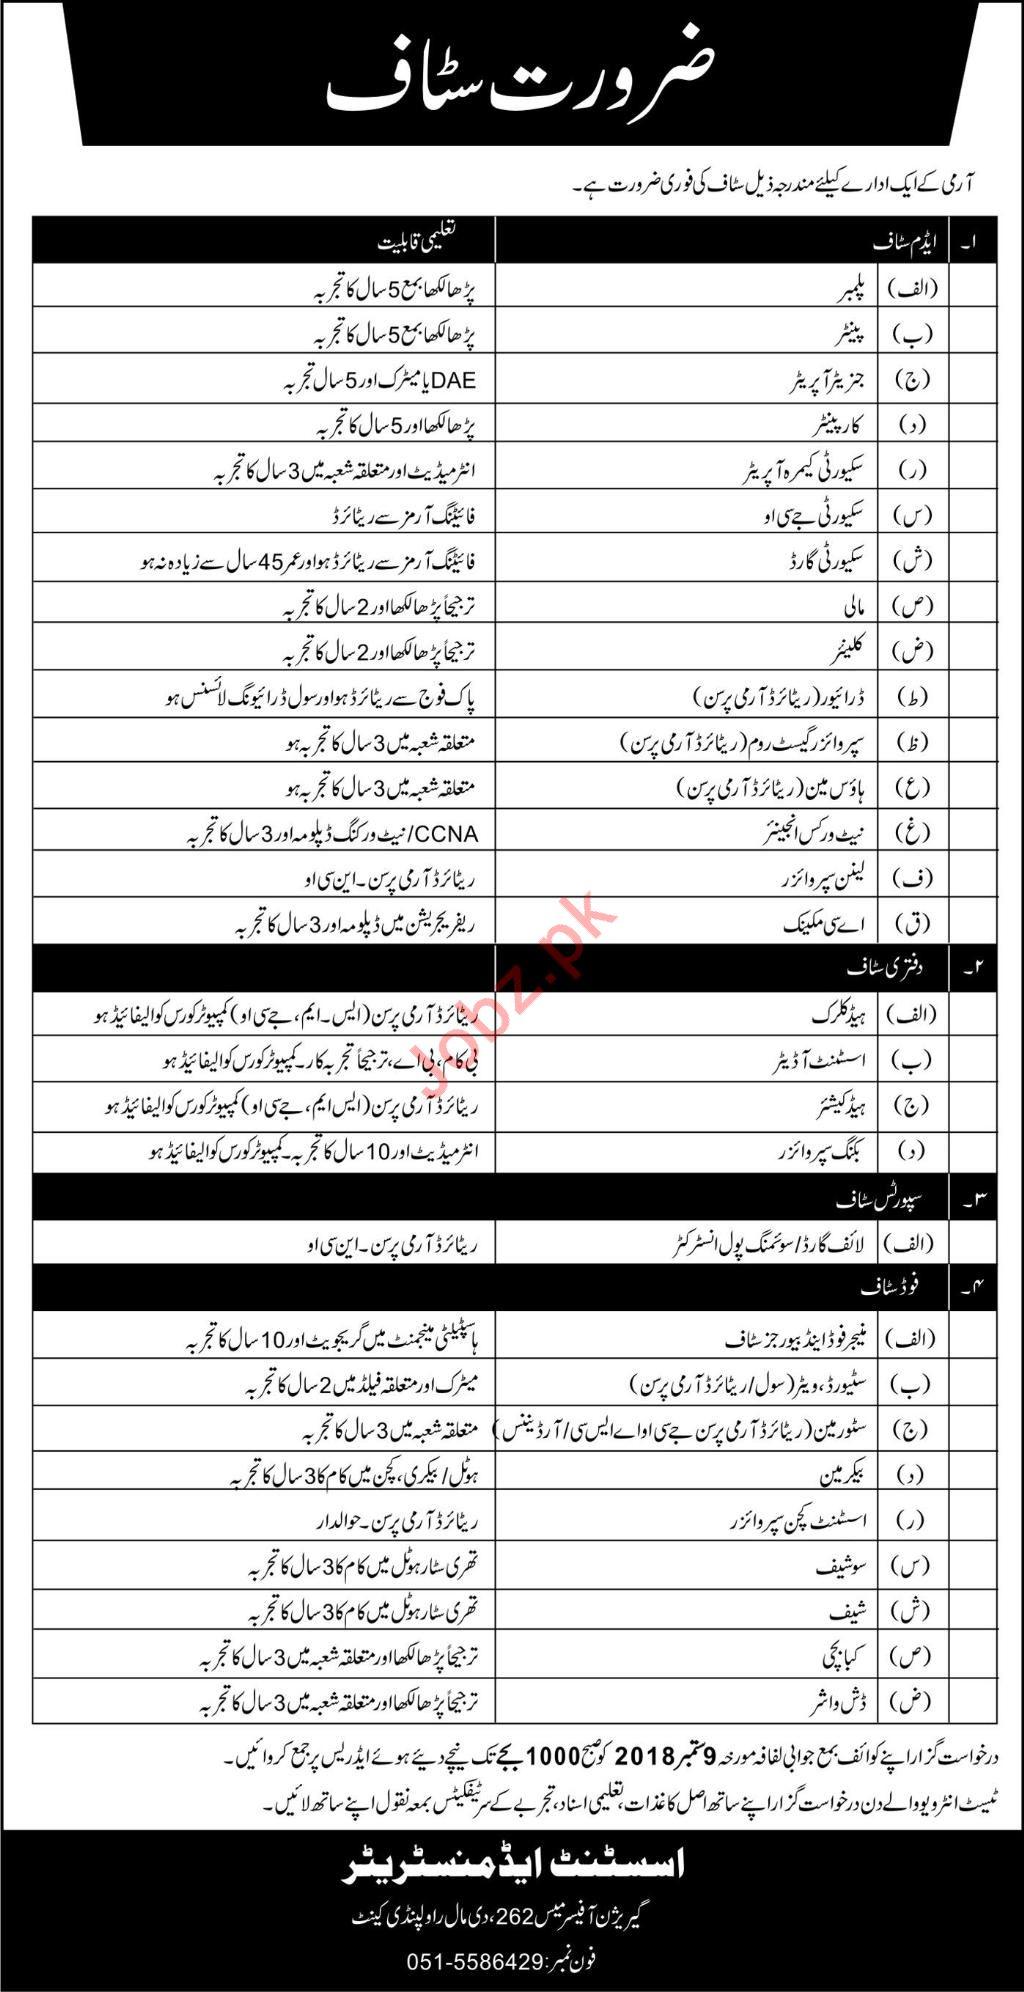 Pakistan Army Civilian Jobs 2018 in Rawalpindi Cantt